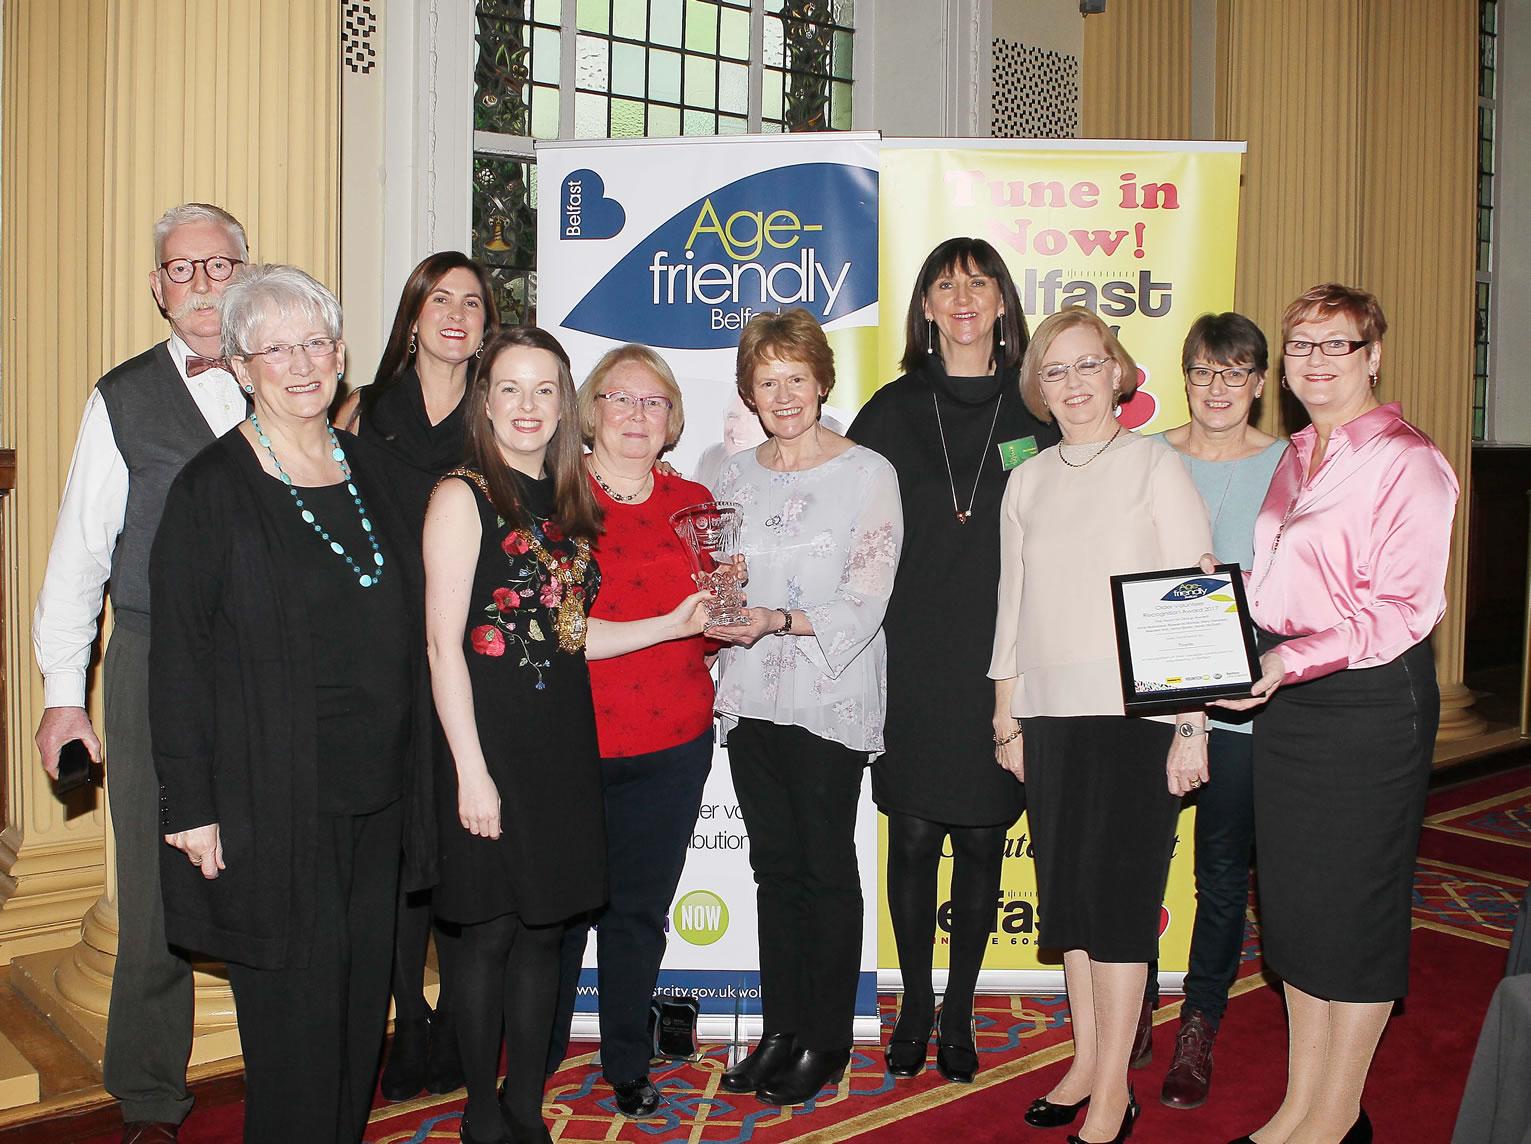 Belfast's Older Volunteers Enjoy Limelight